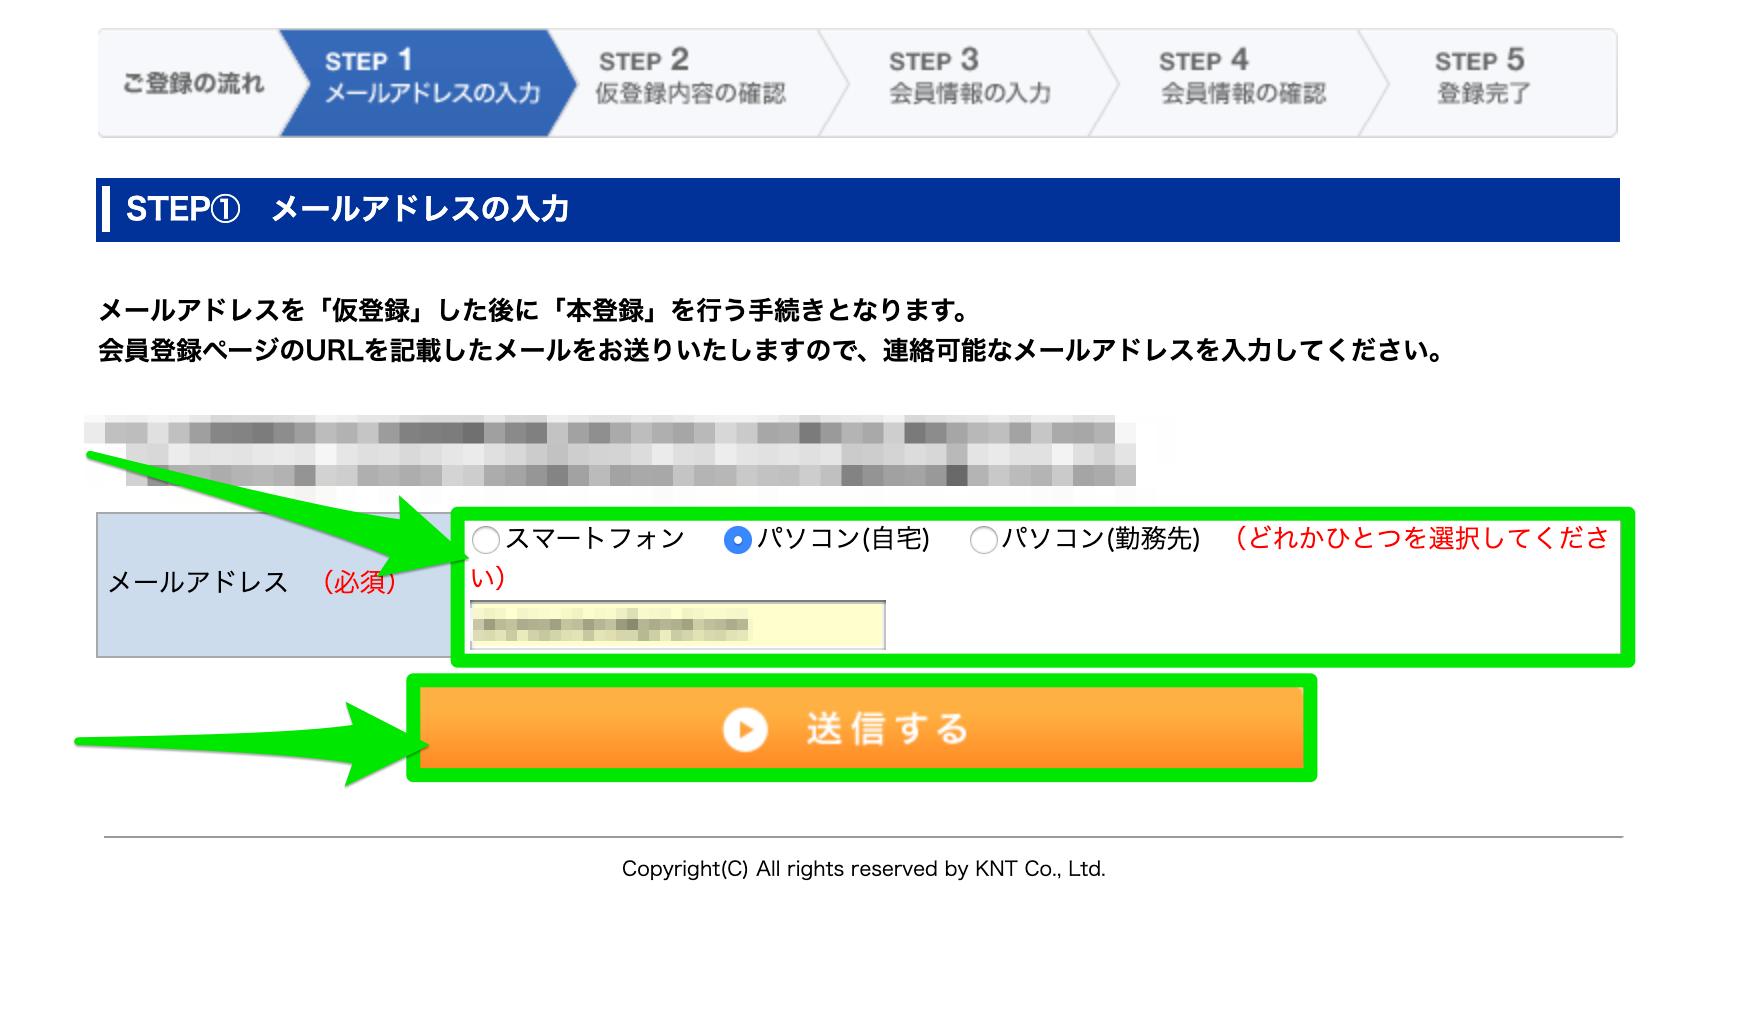 近畿日本ツーリストで会員登録でメールを送る